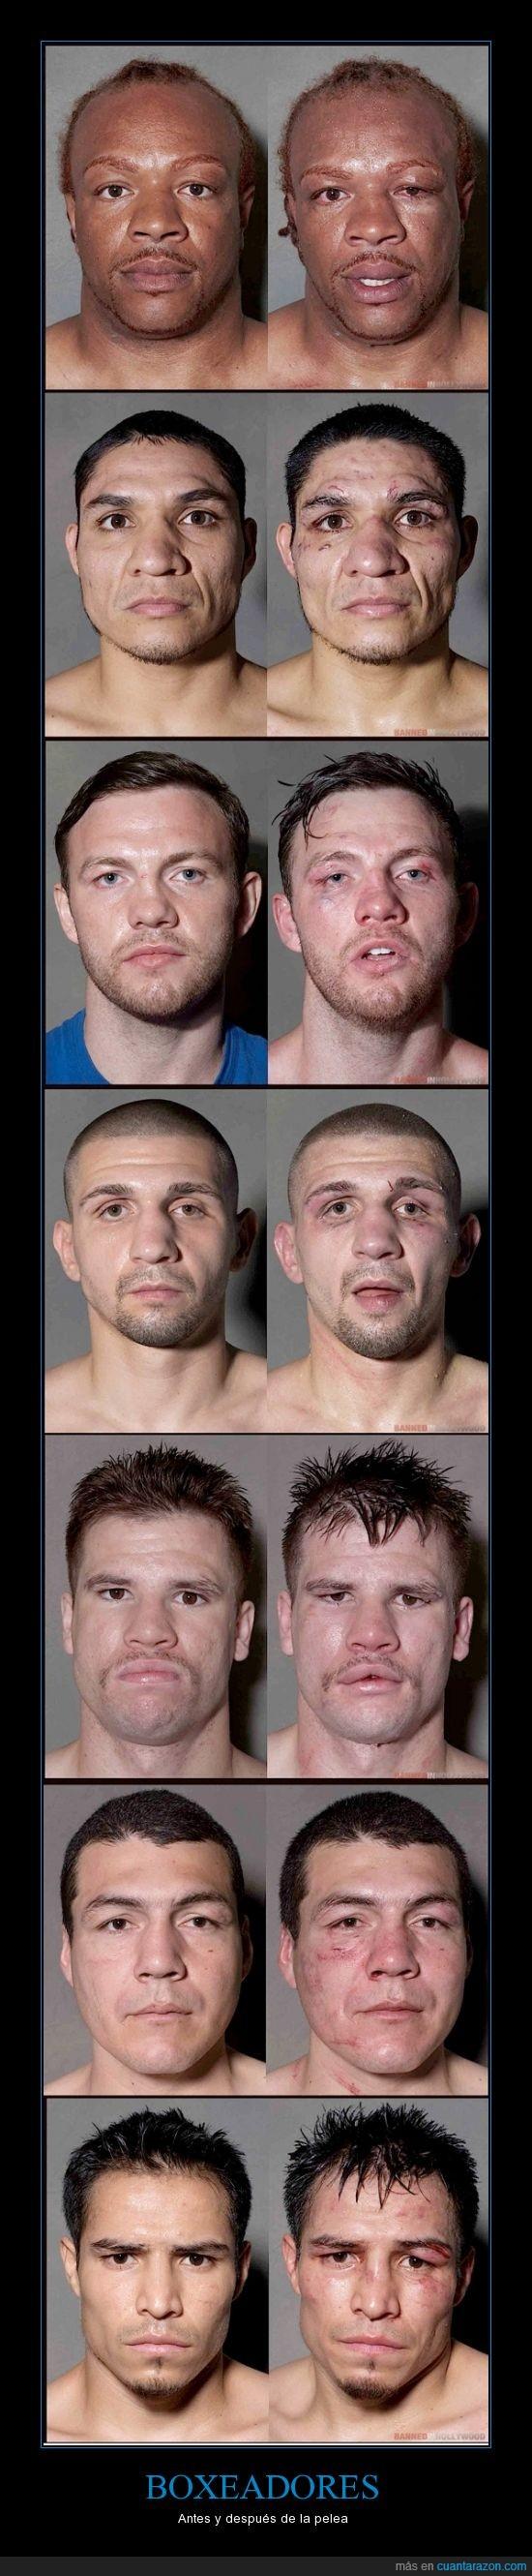 boxeo,car,deformar,hinchado,hostia,morado,sagre